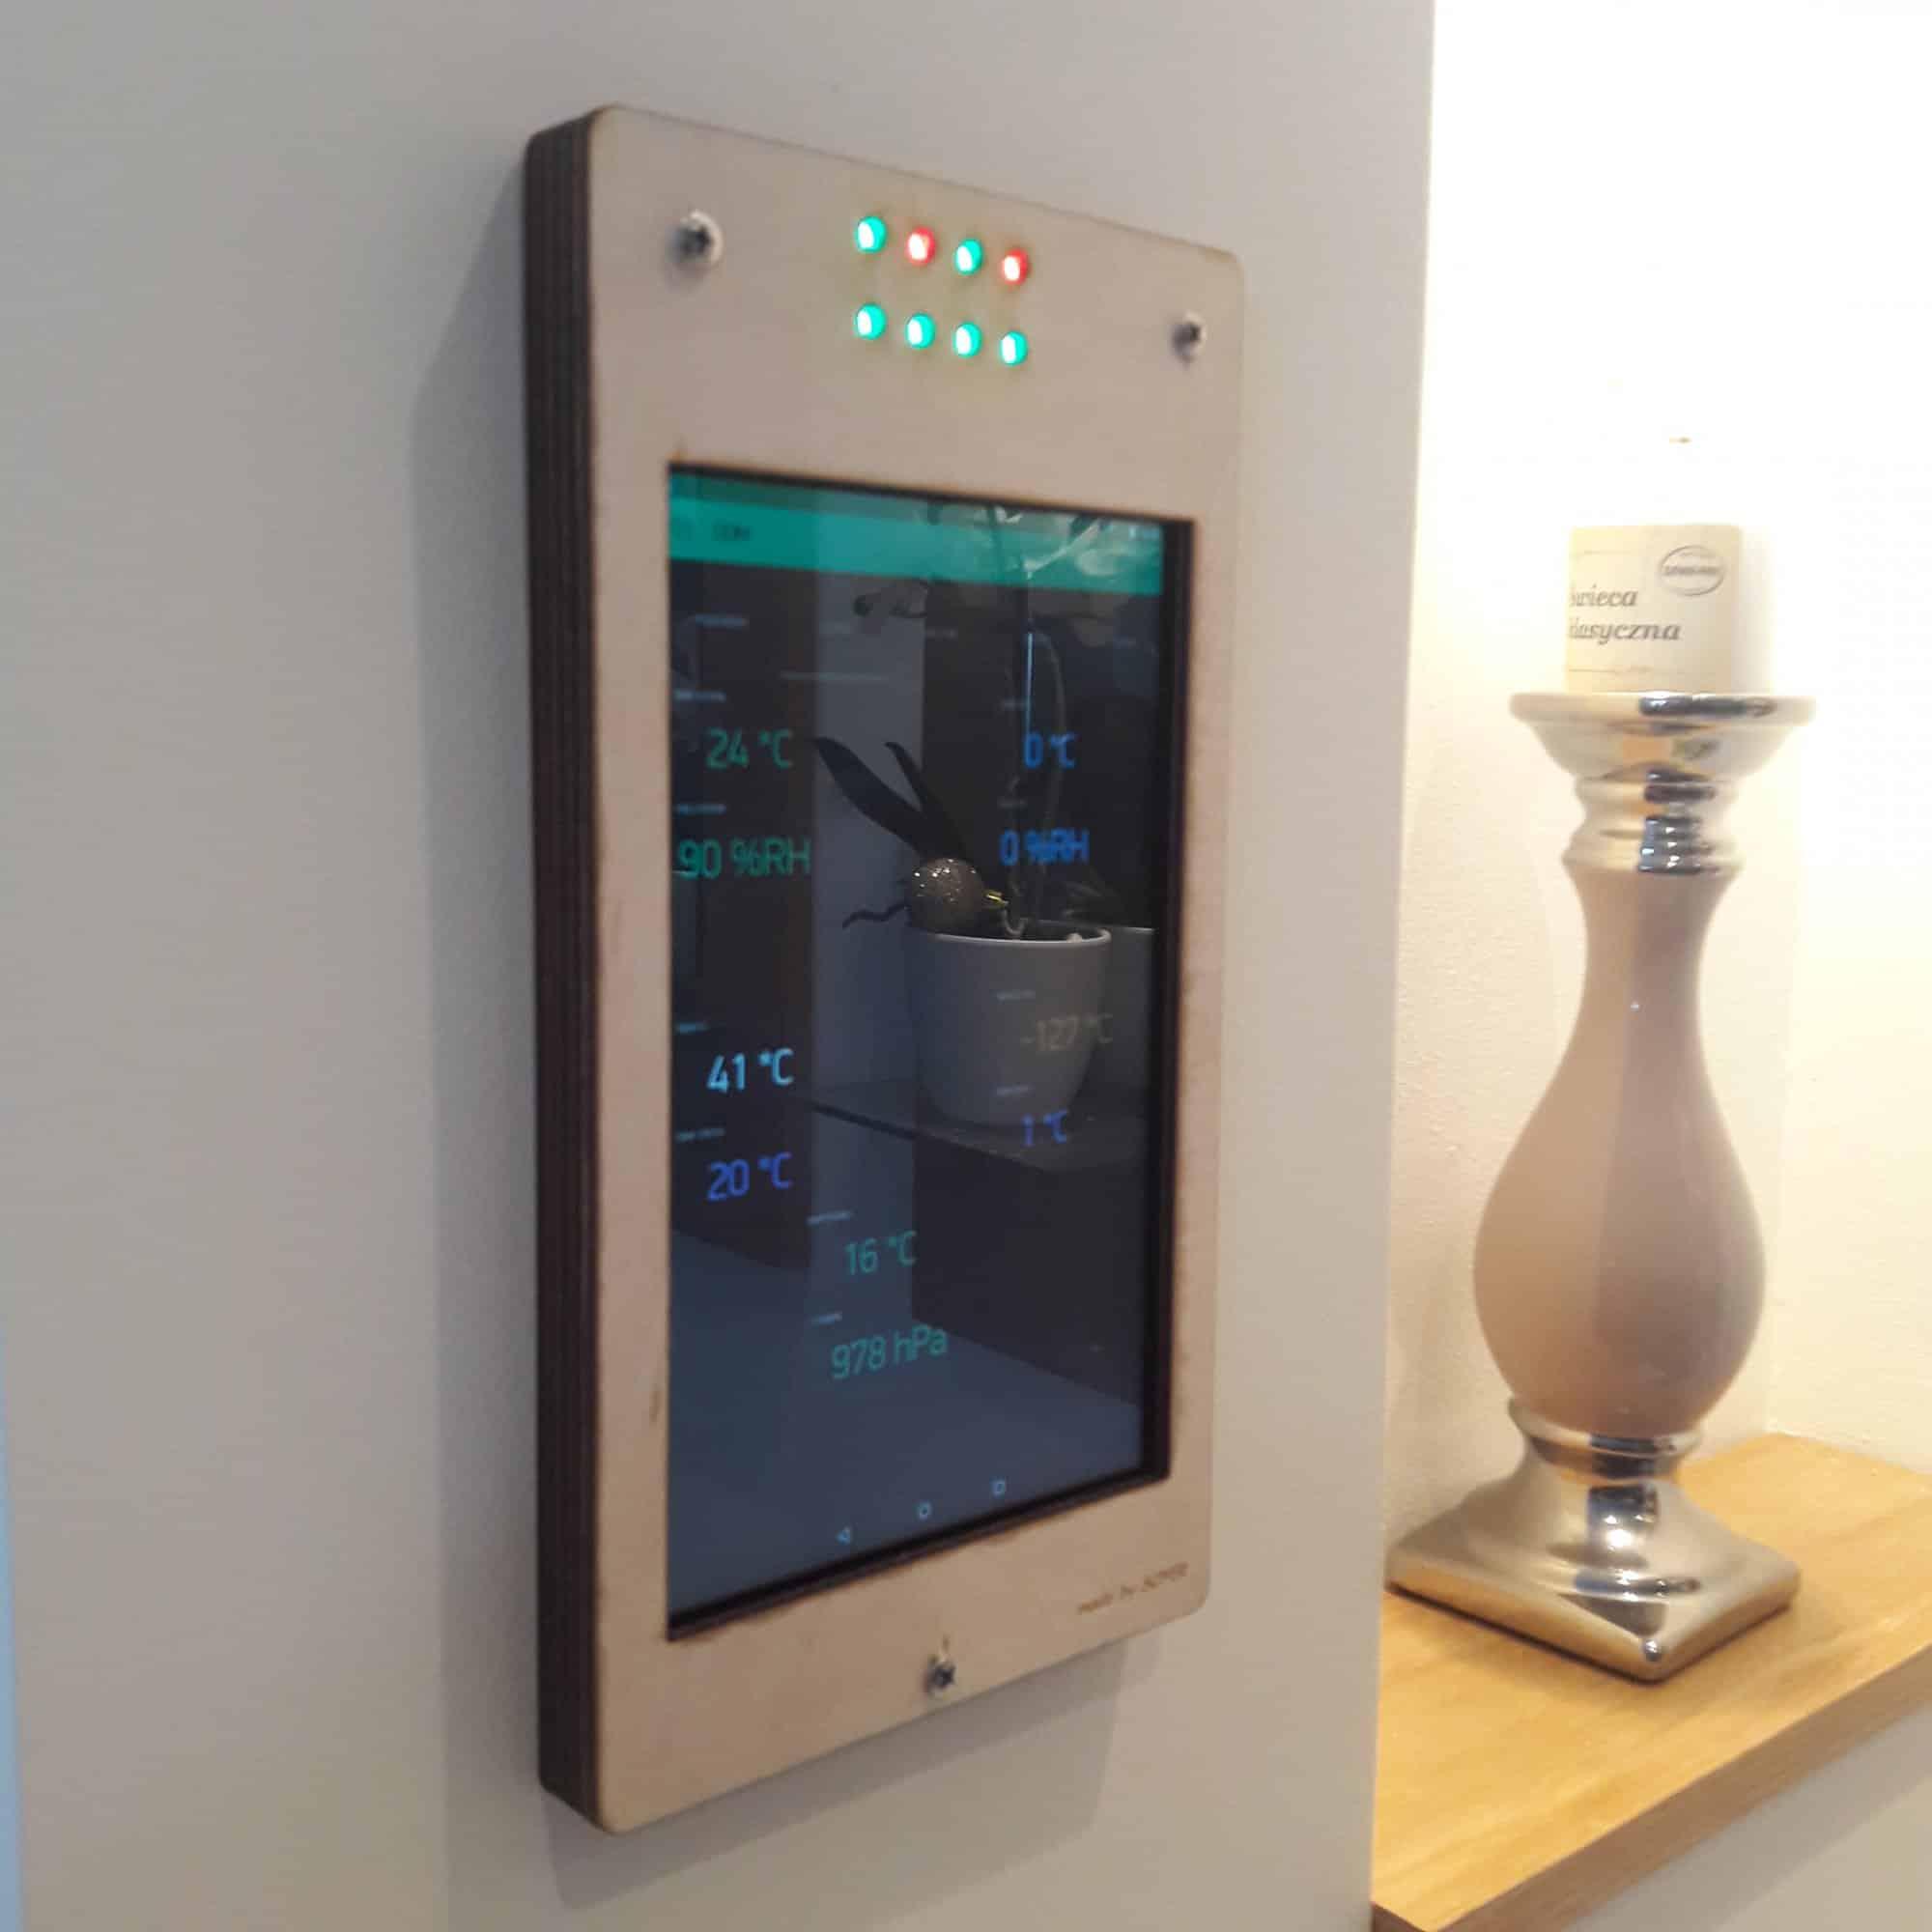 IoT u Soyera - automatyka domowa z Blynk